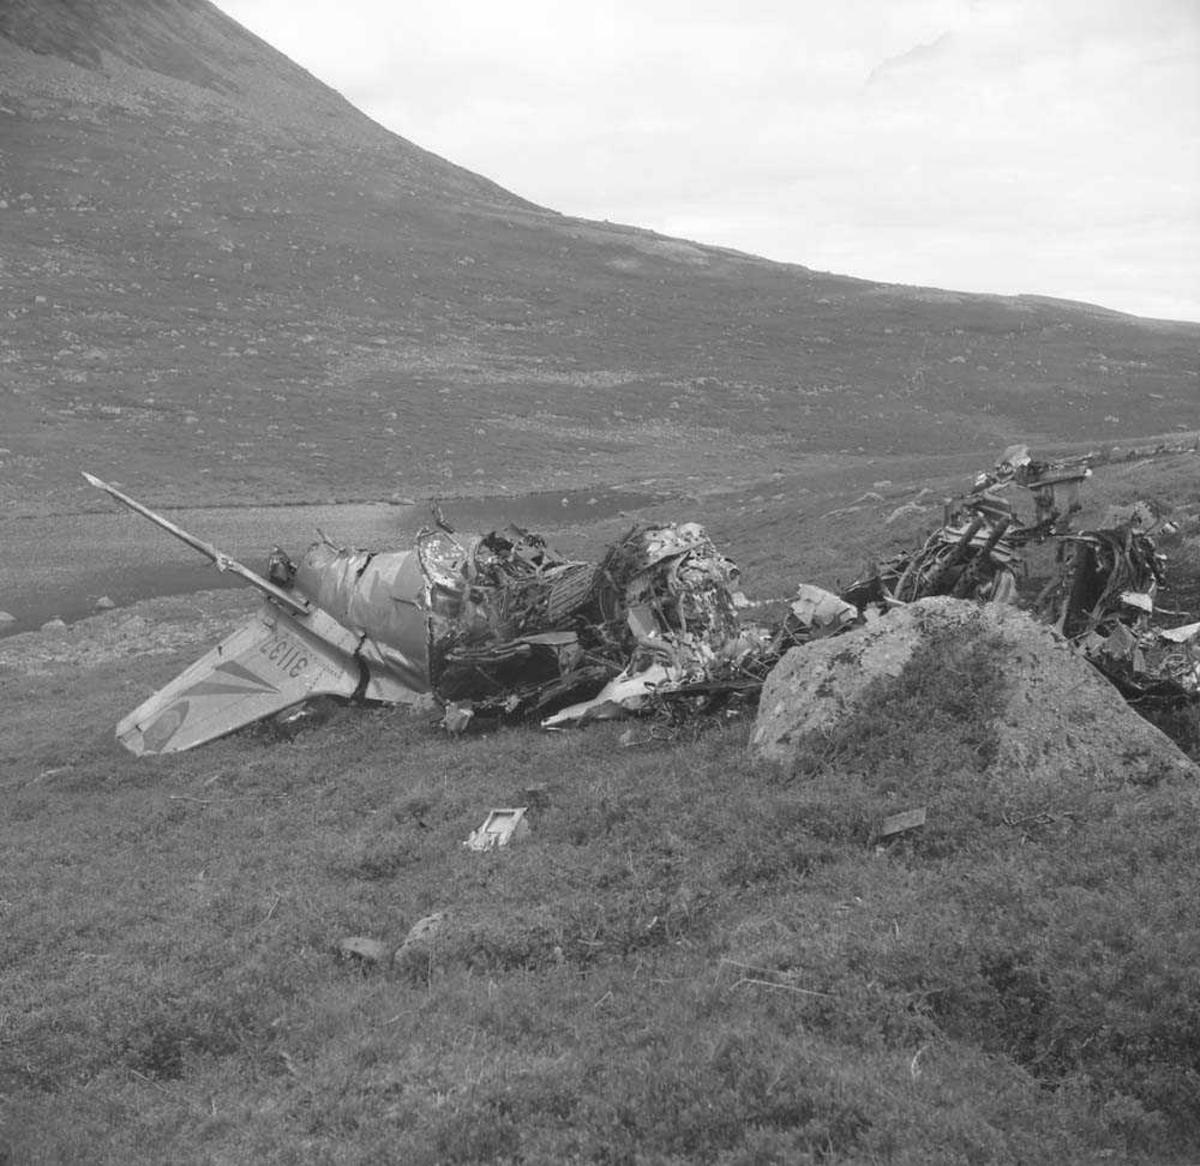 F-86-F Sabre FN-I ser 53-1137 havarerte 4 aug 1959 ved Finnseter gård på Hinnøya i Troms fylke.